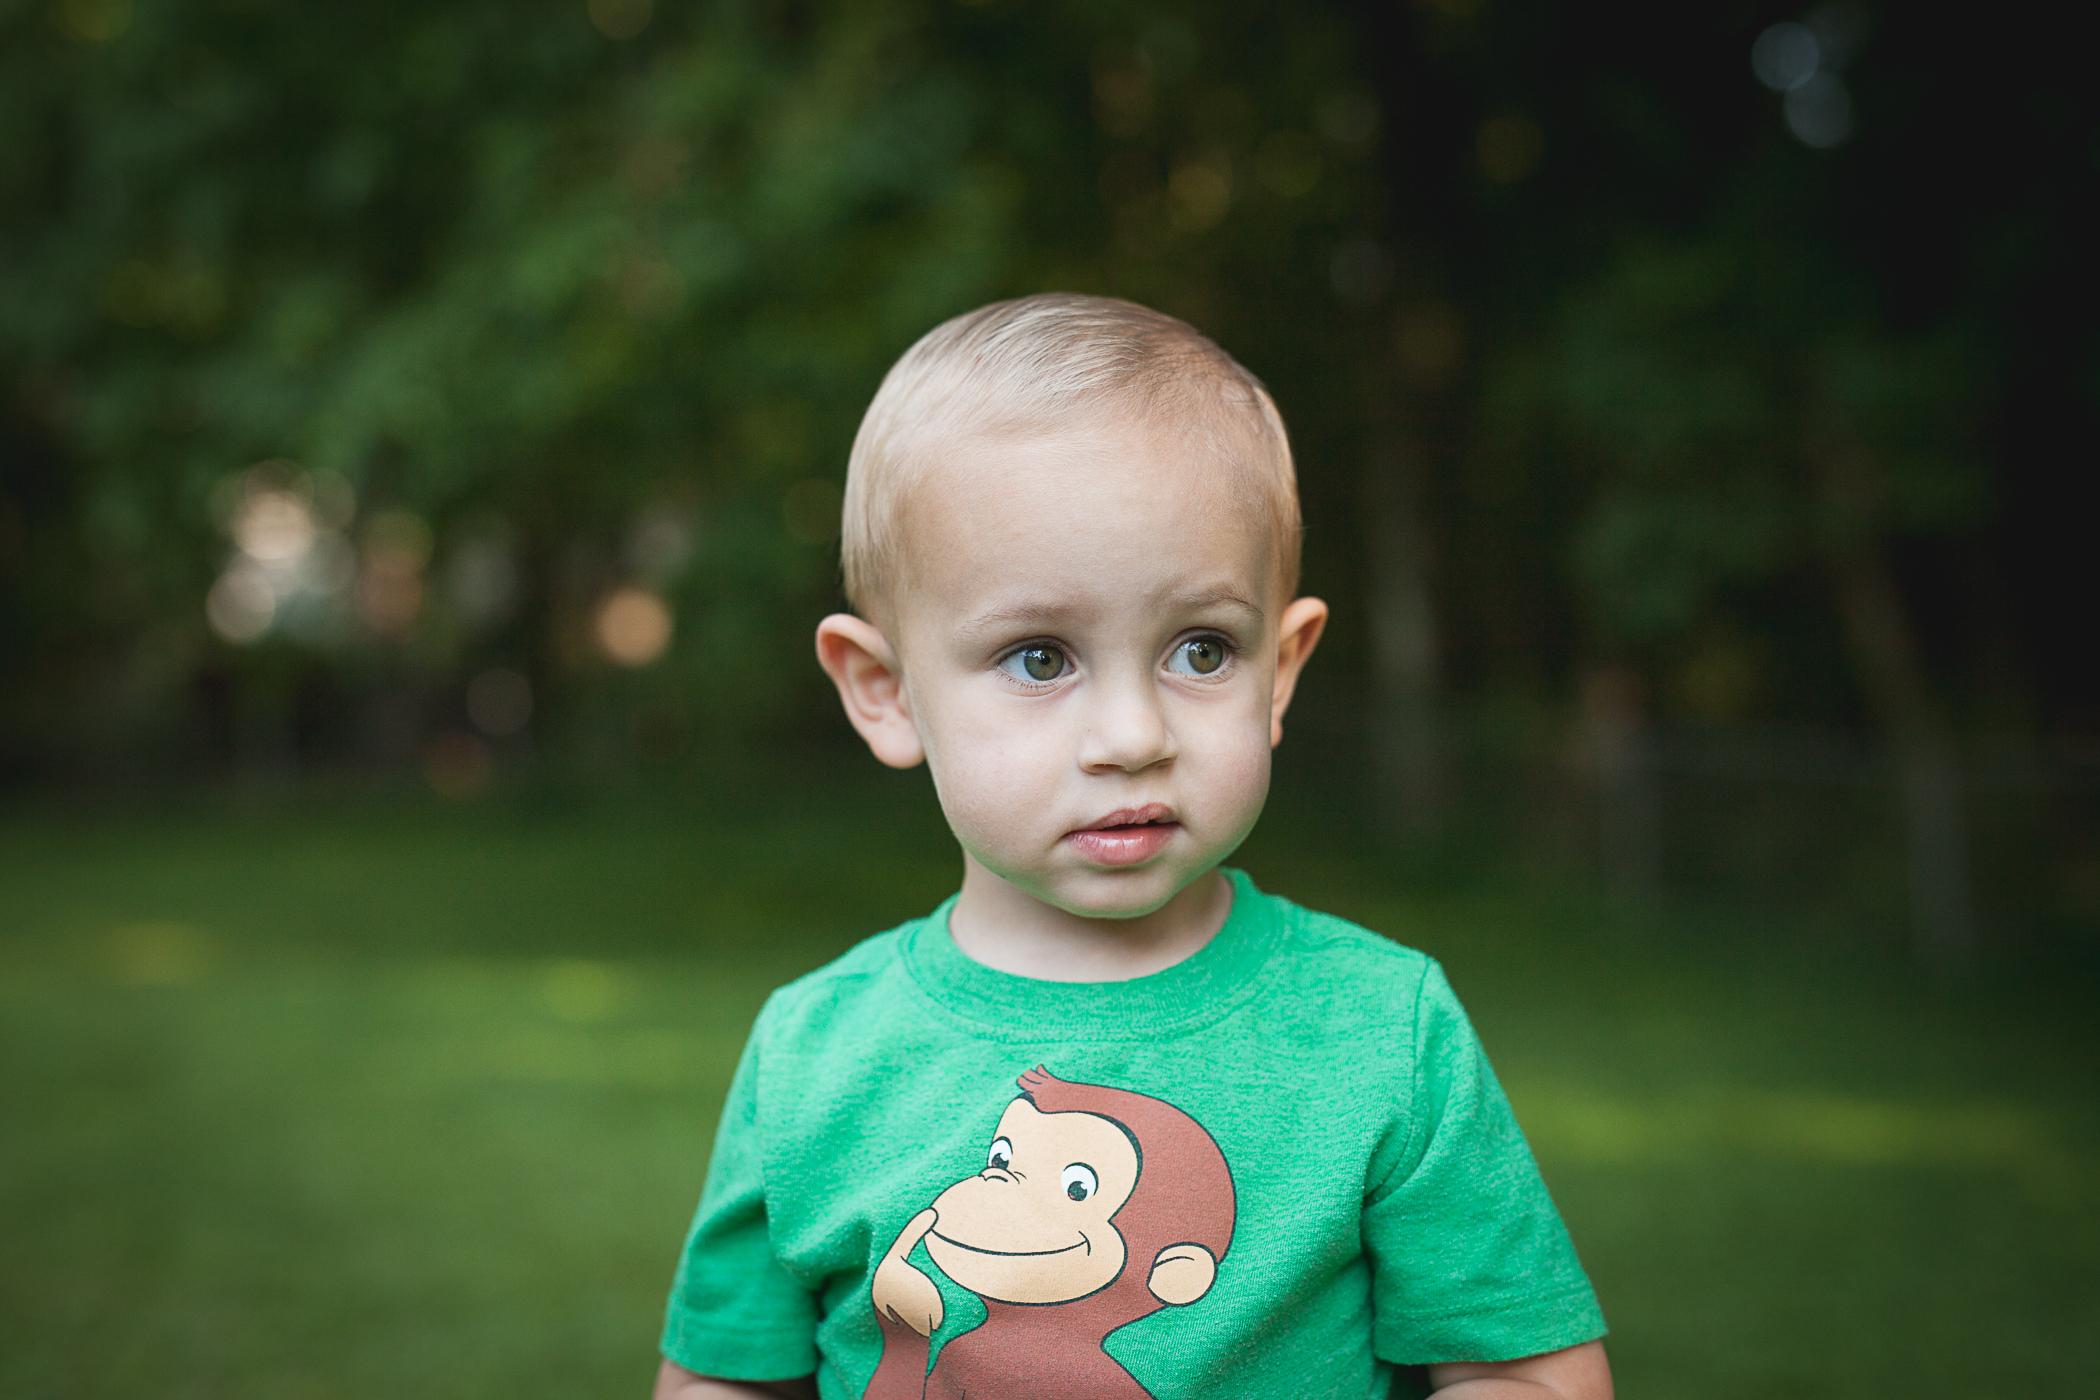 chattanooga-children-family-senior-portrait-photographer-7.jpg